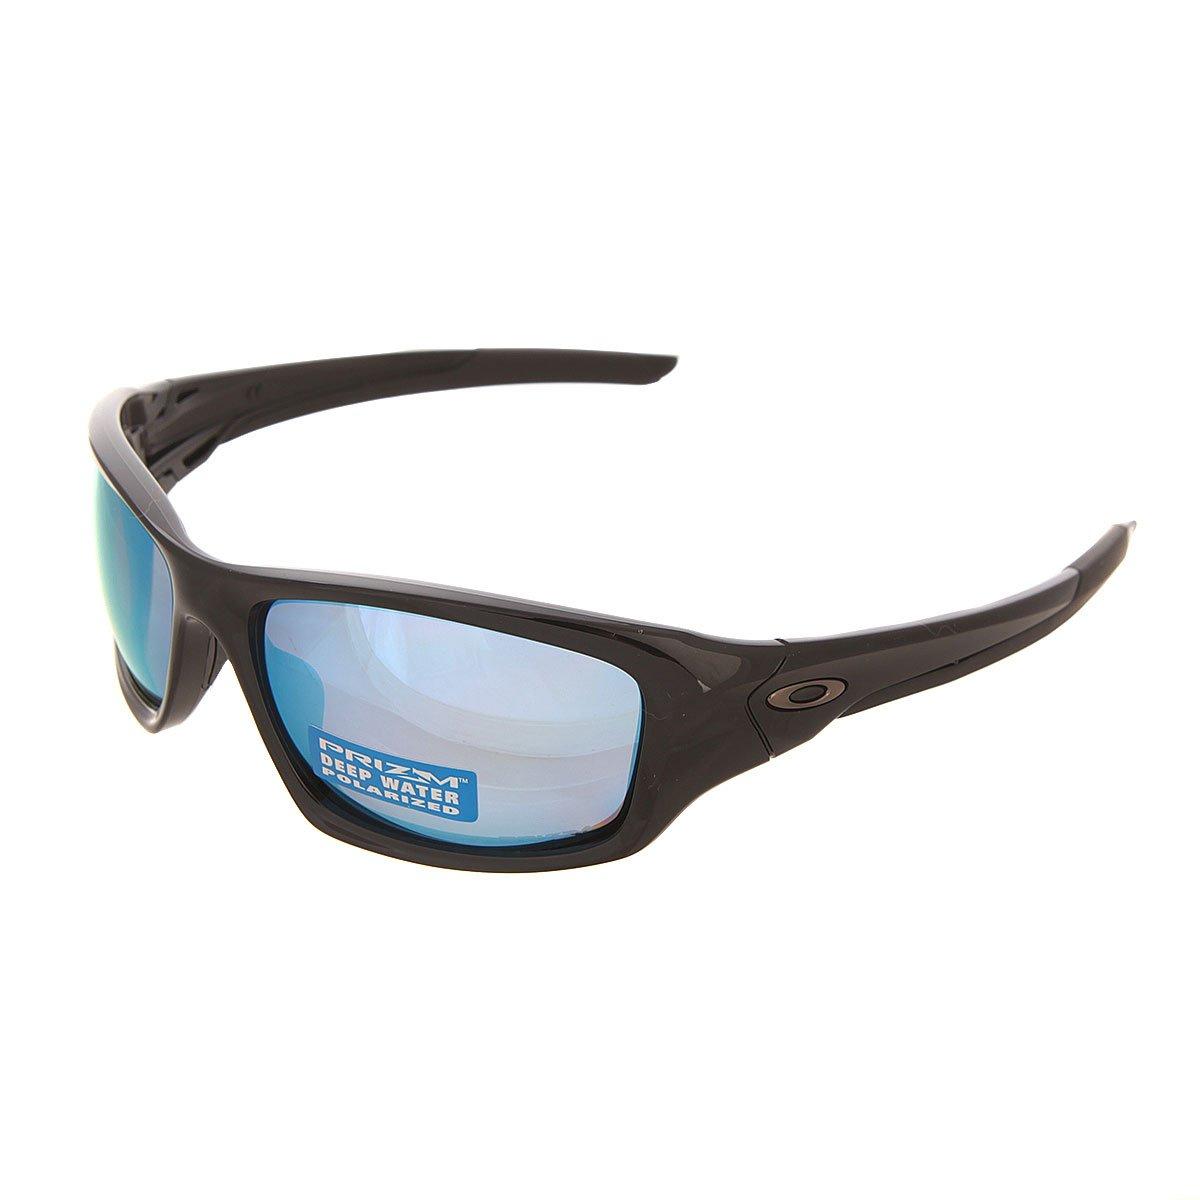 Купить очки Oakley Valve Polished Black Prizm Deep Water Polarized в ... f24c93476b6